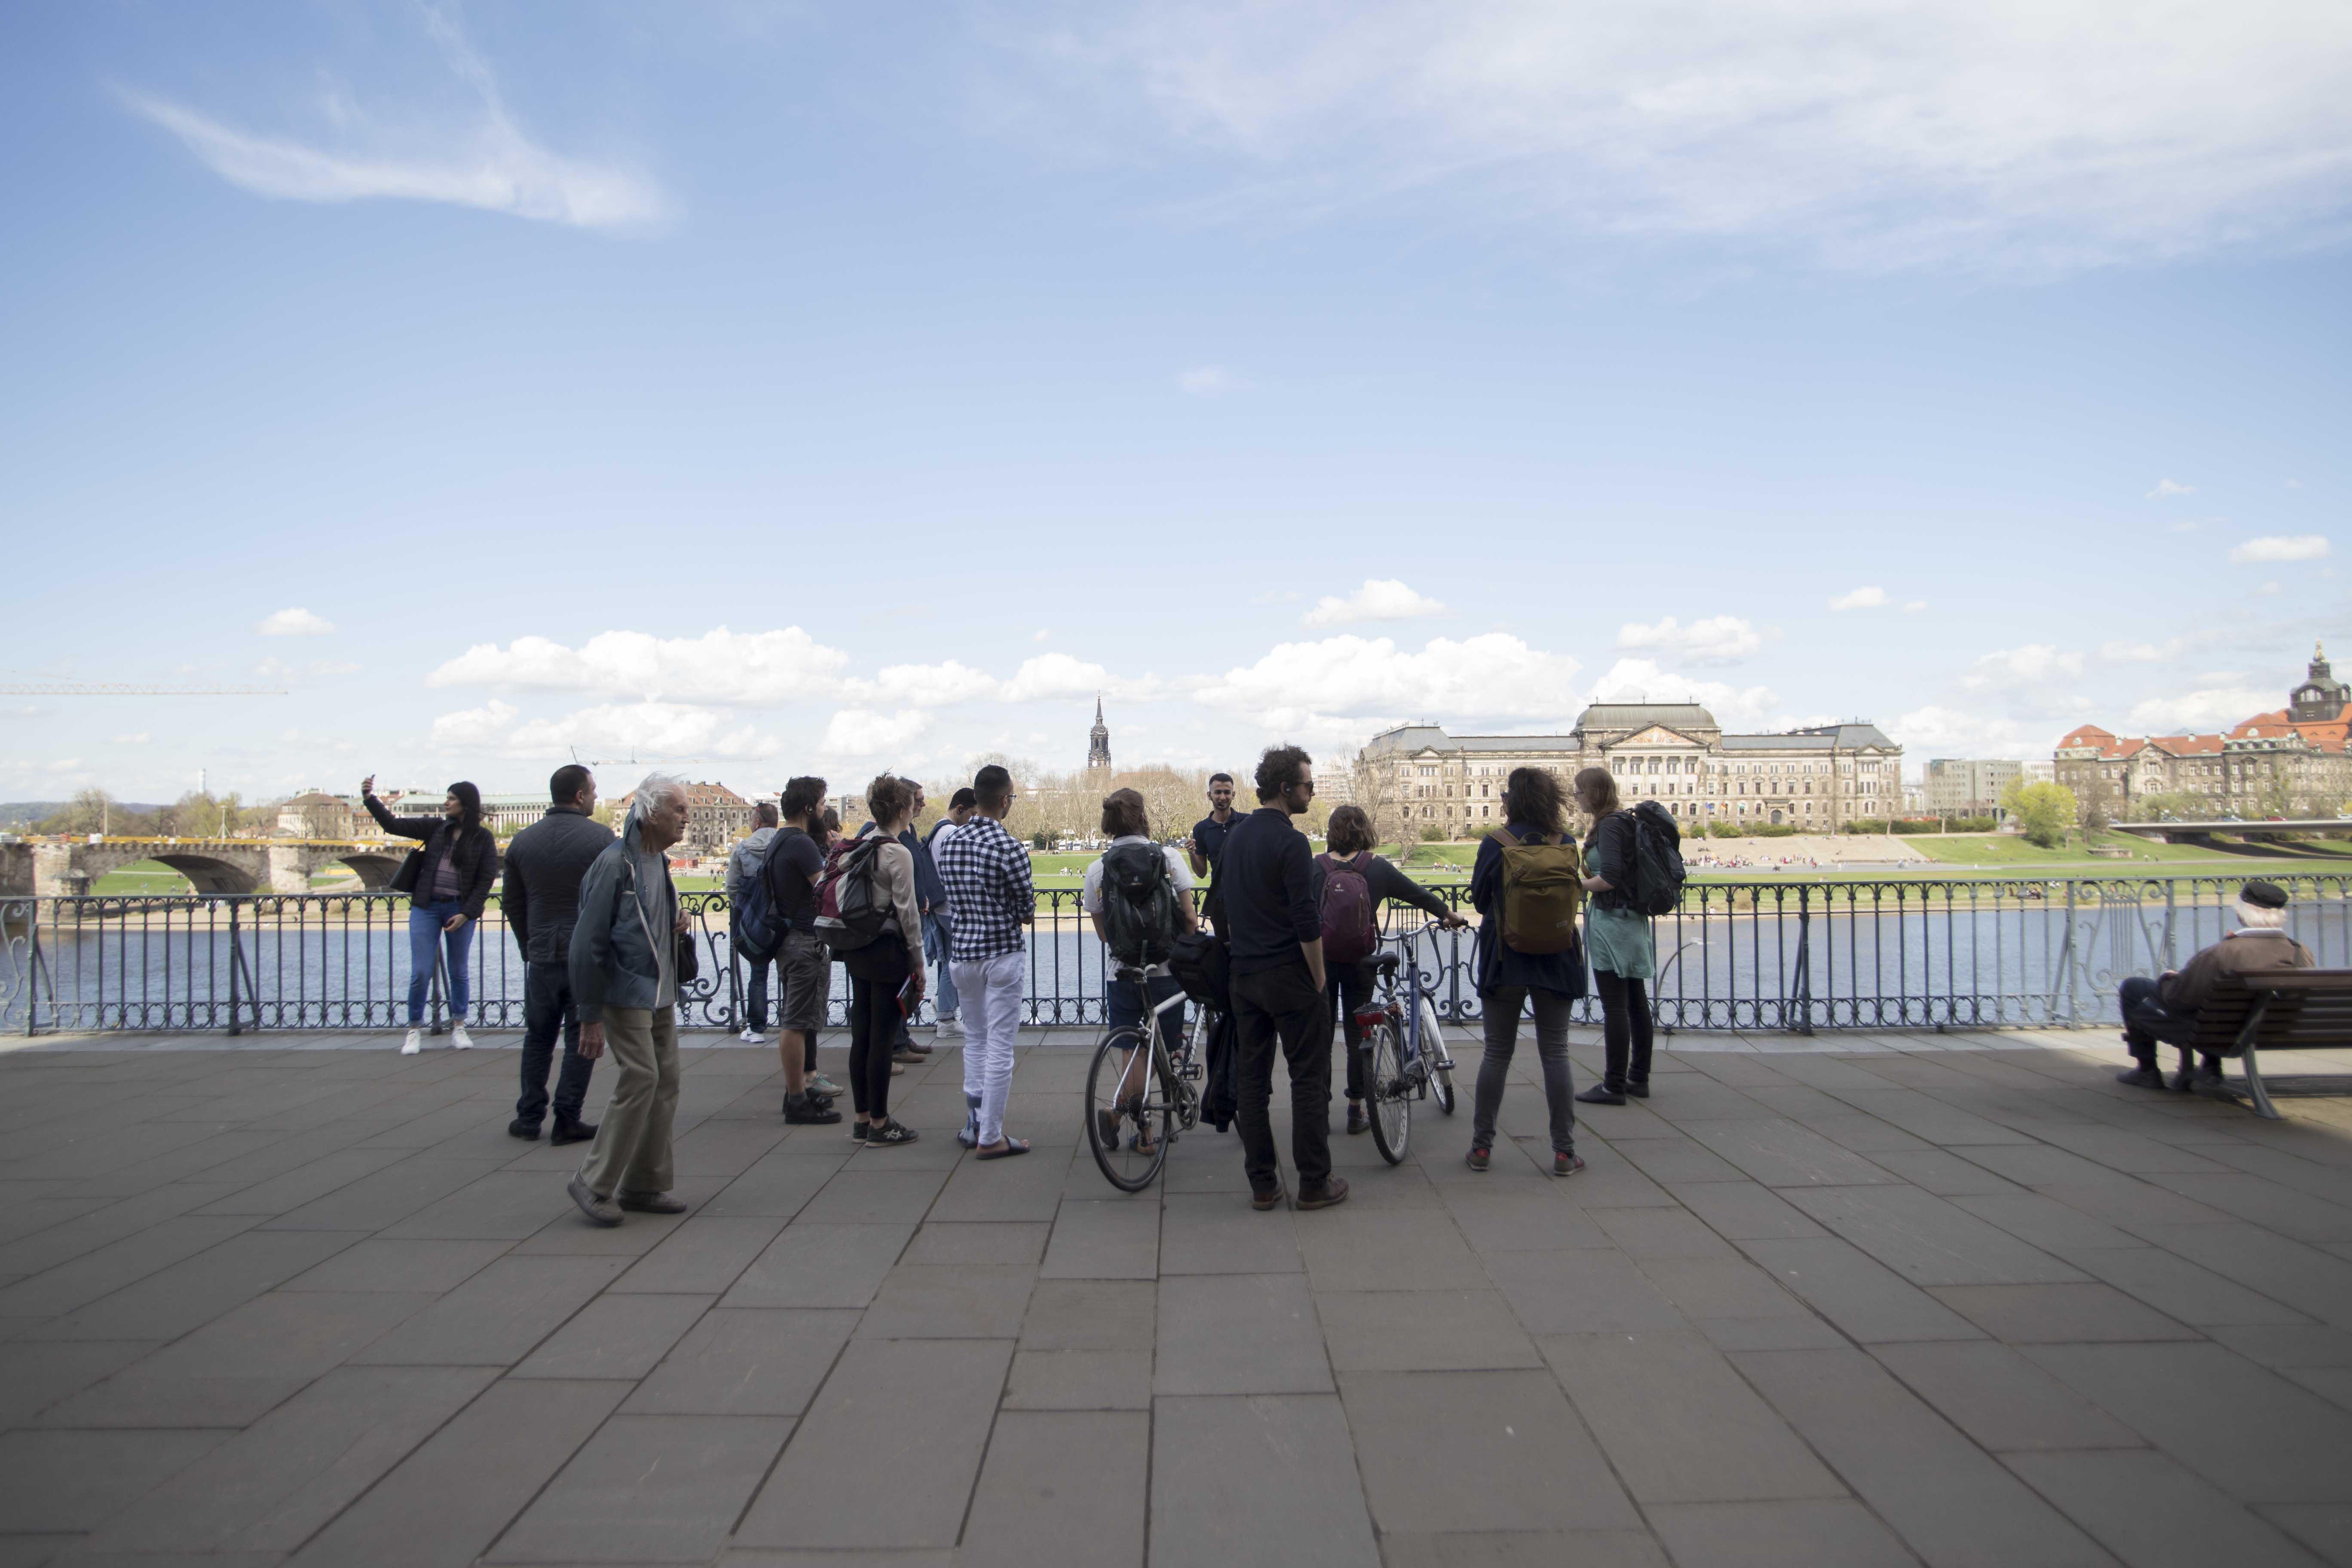 Eine Gruppe von Menschen steht um einen Stadtführer herum am Ufer eines Flusses.